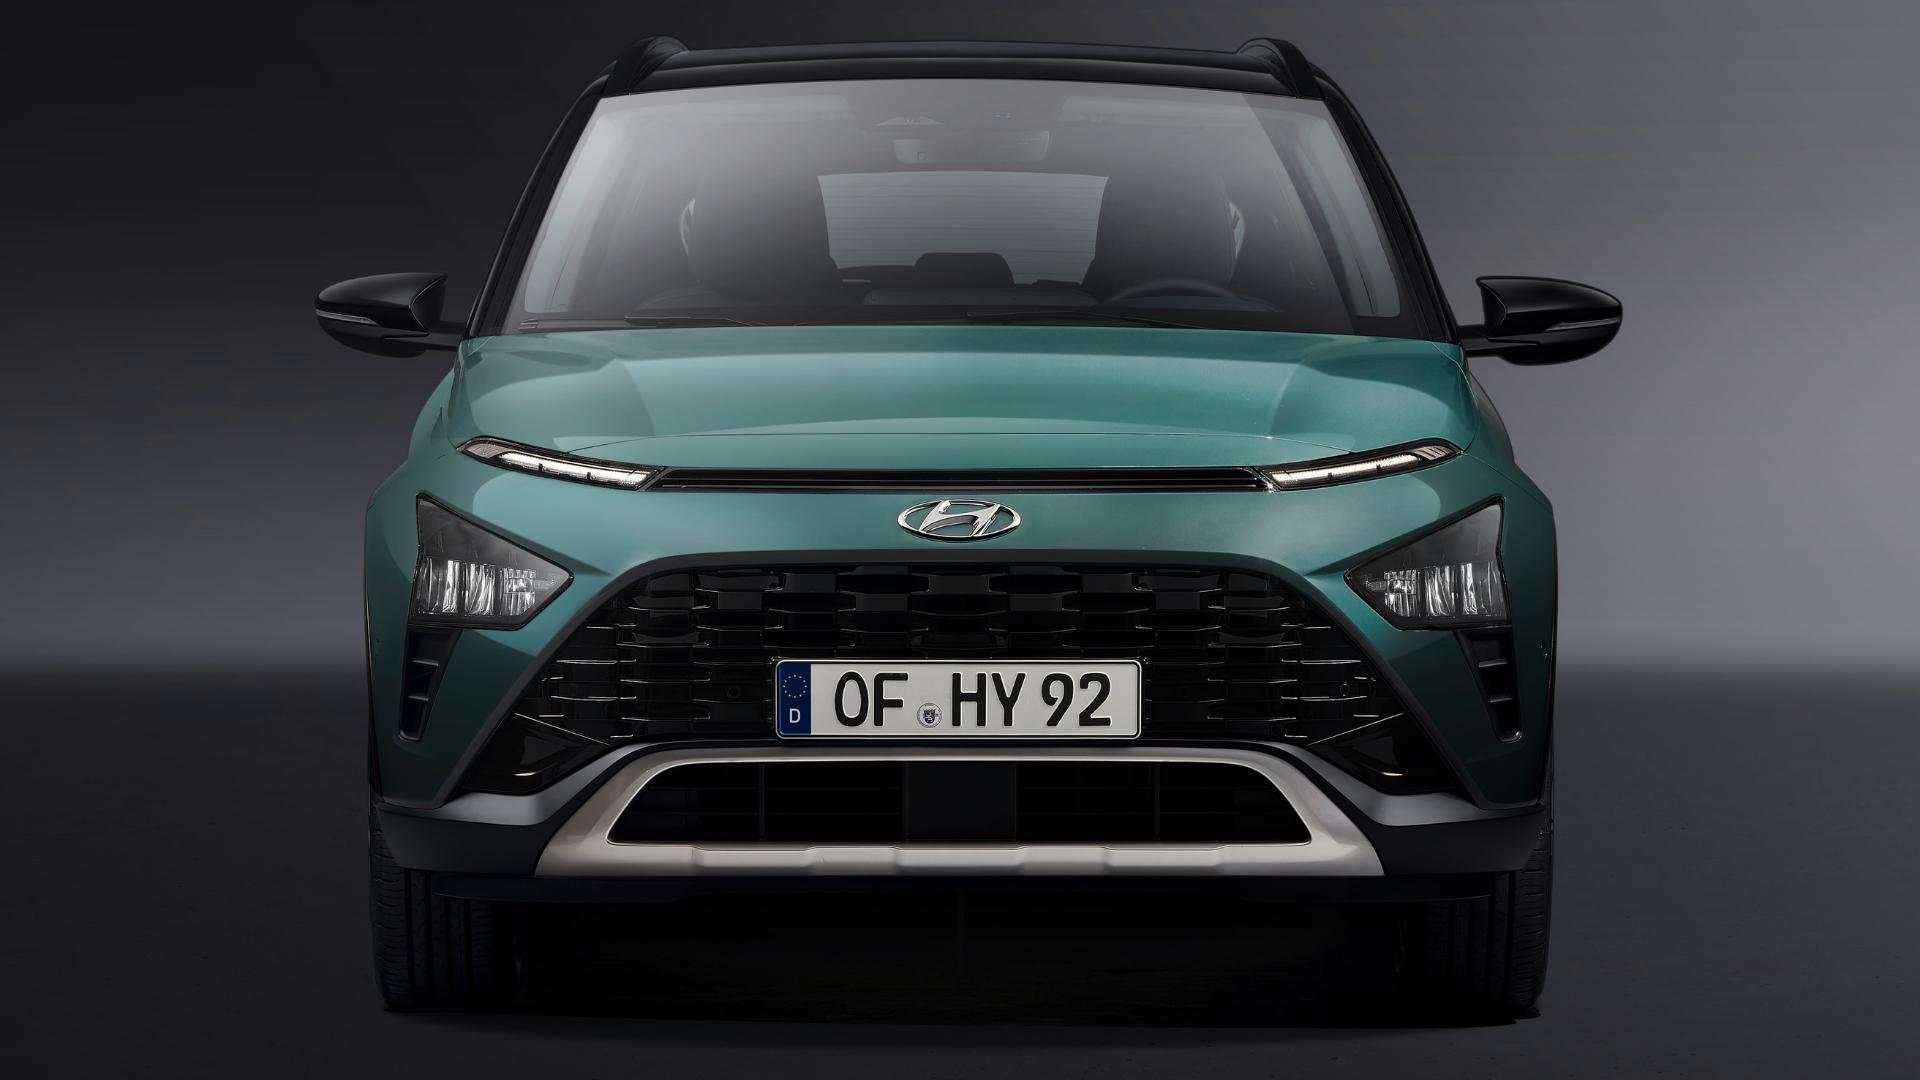 Hyundai-Bayon-Frontale